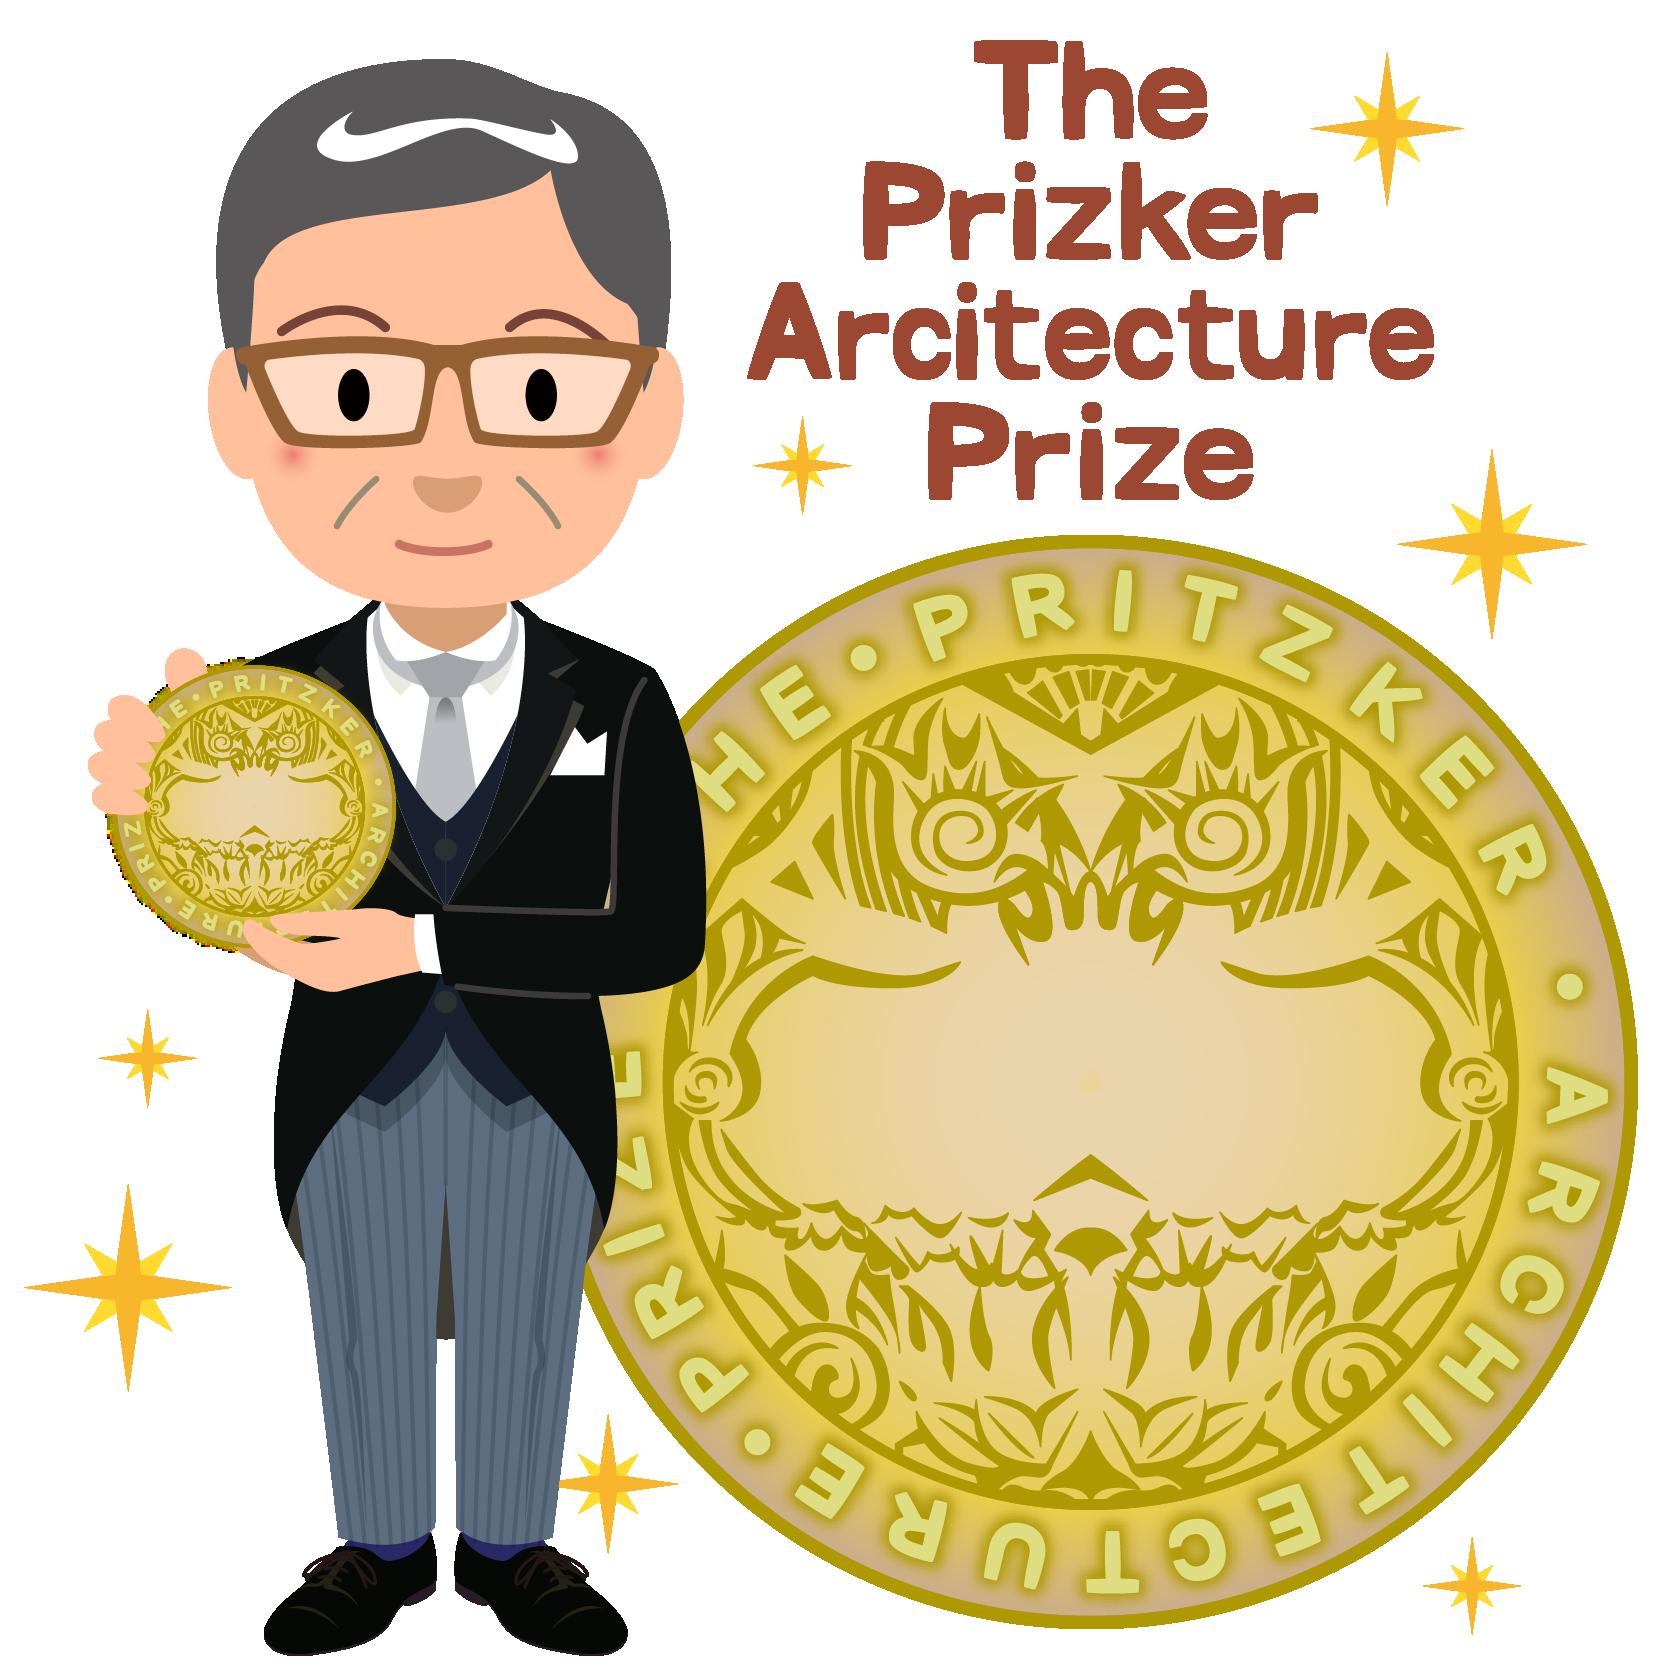 商用フリー無料イラスト_プリツカー賞_表彰_燕尾服_男性B_メダル大_The Pritzker Architecture Prize_018